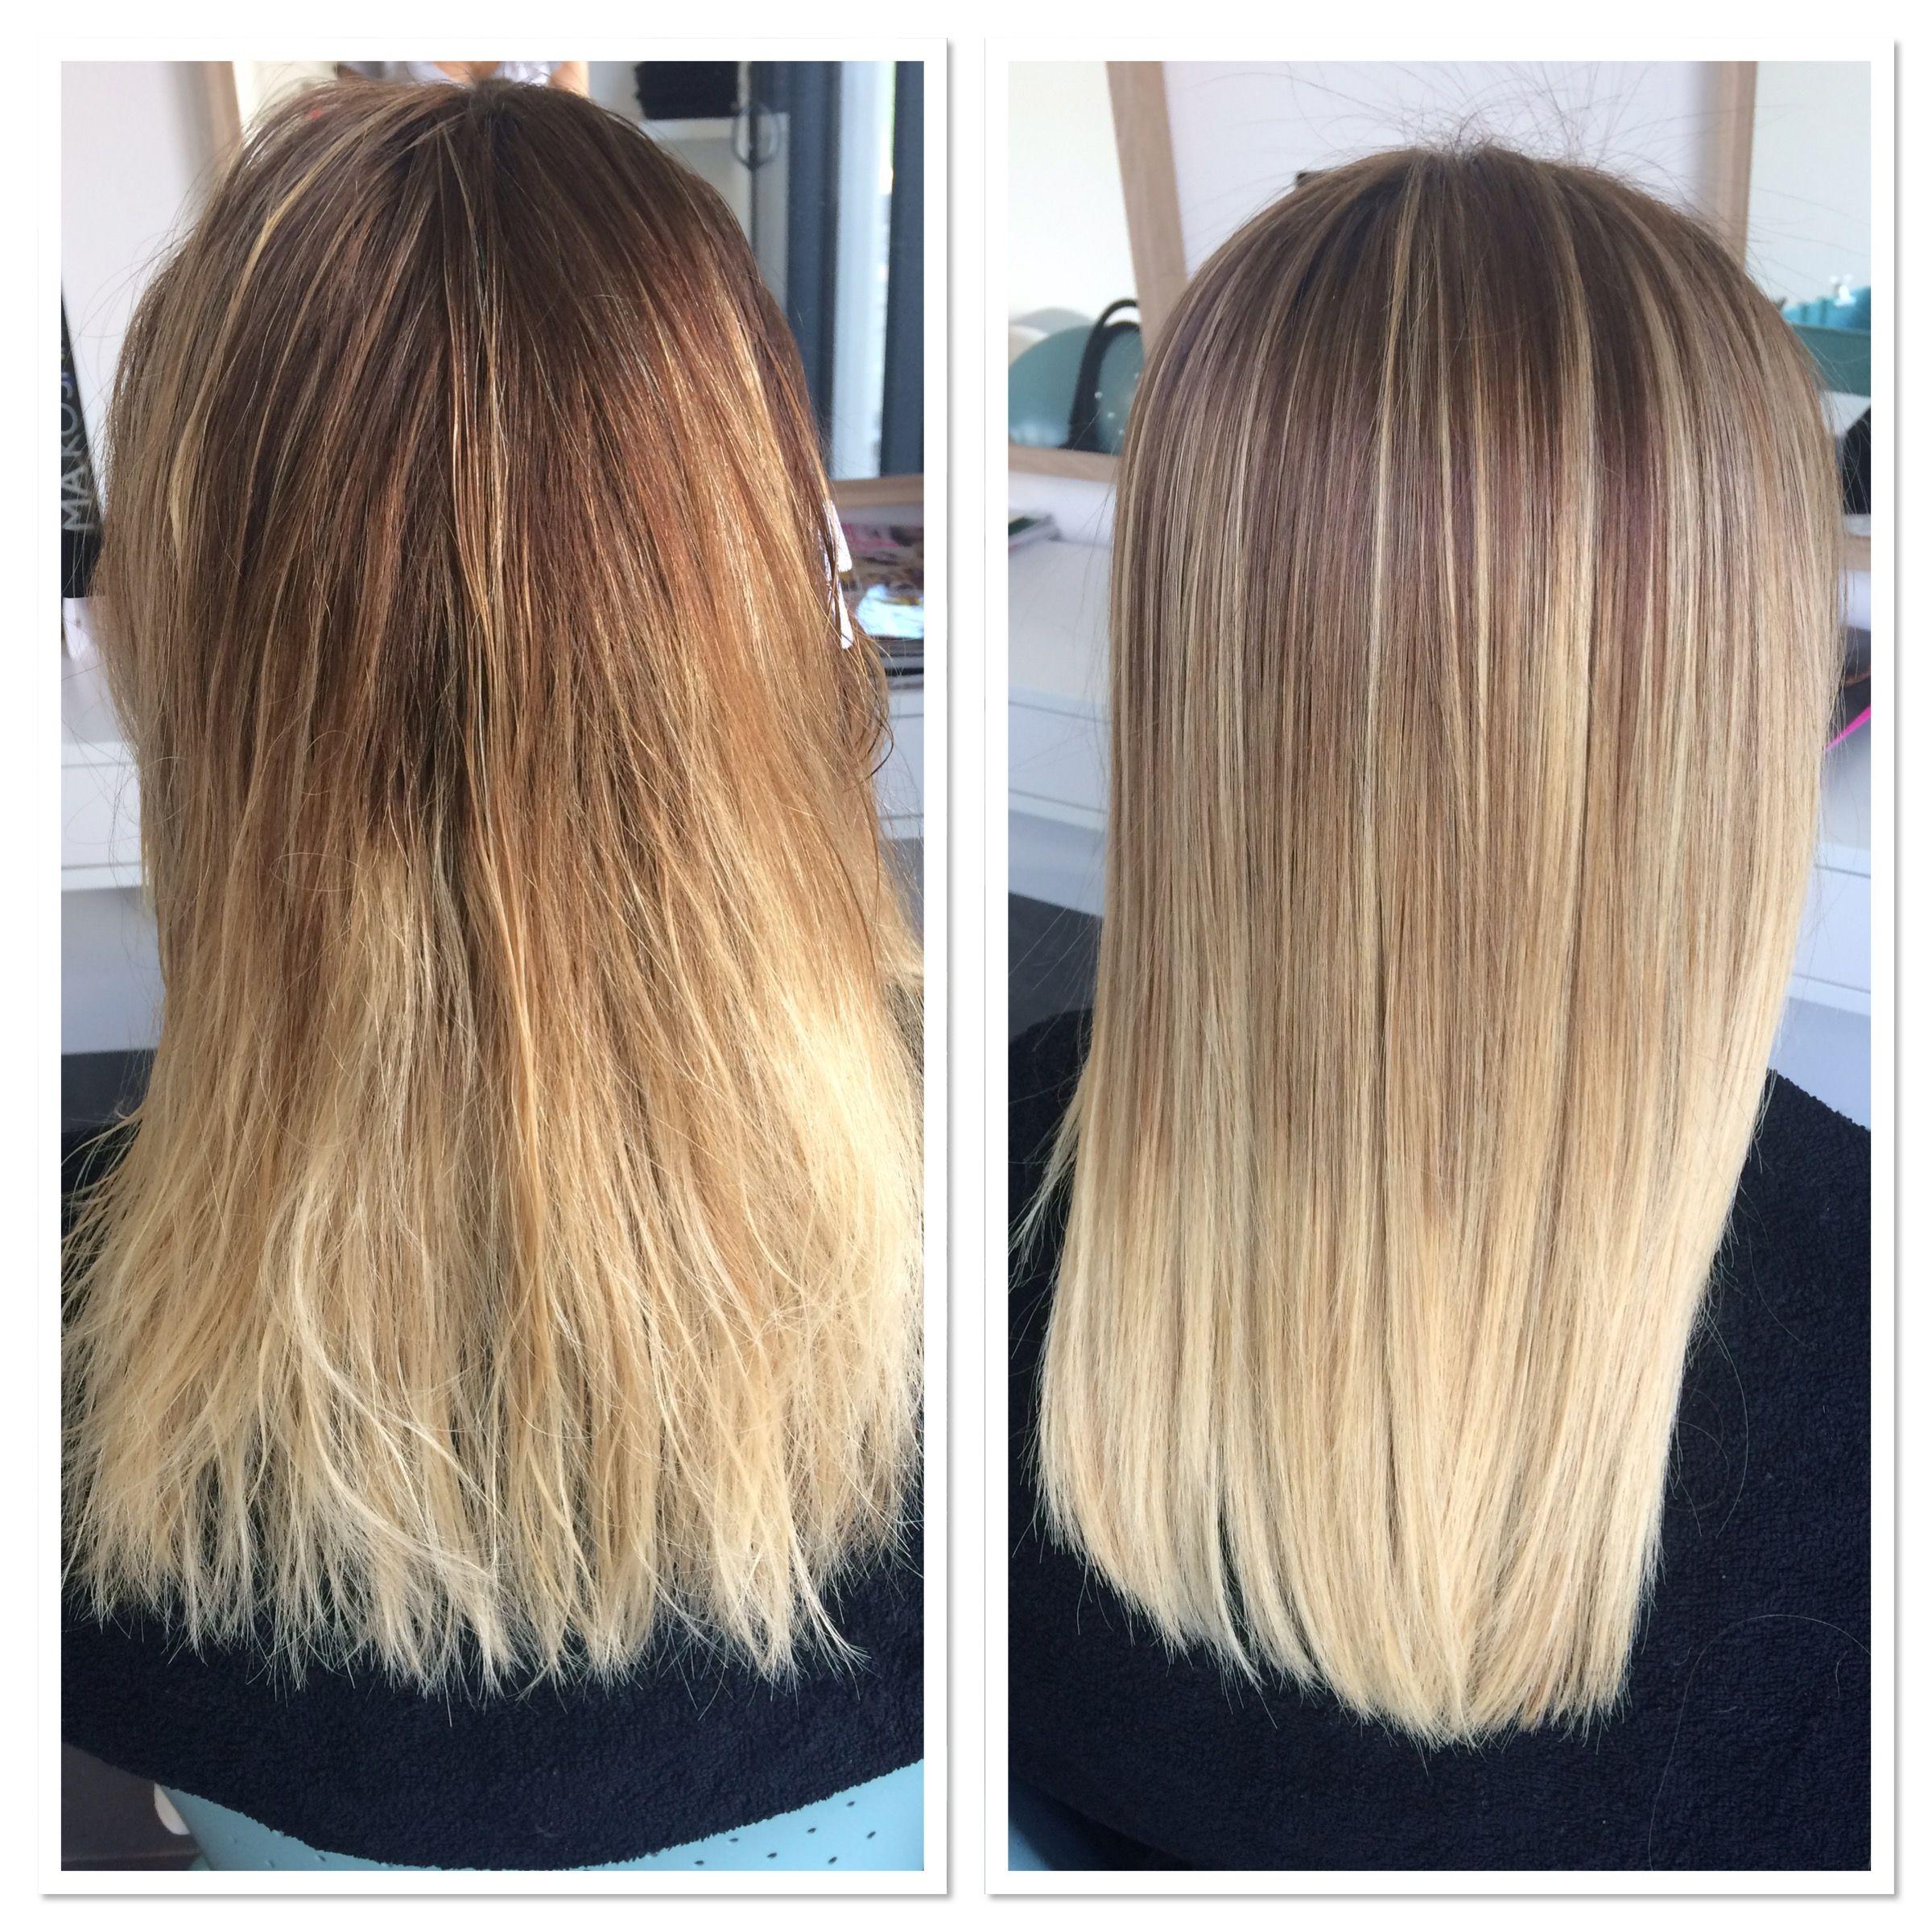 Enzymotherapy avant après sur cheveux blond ombré hair